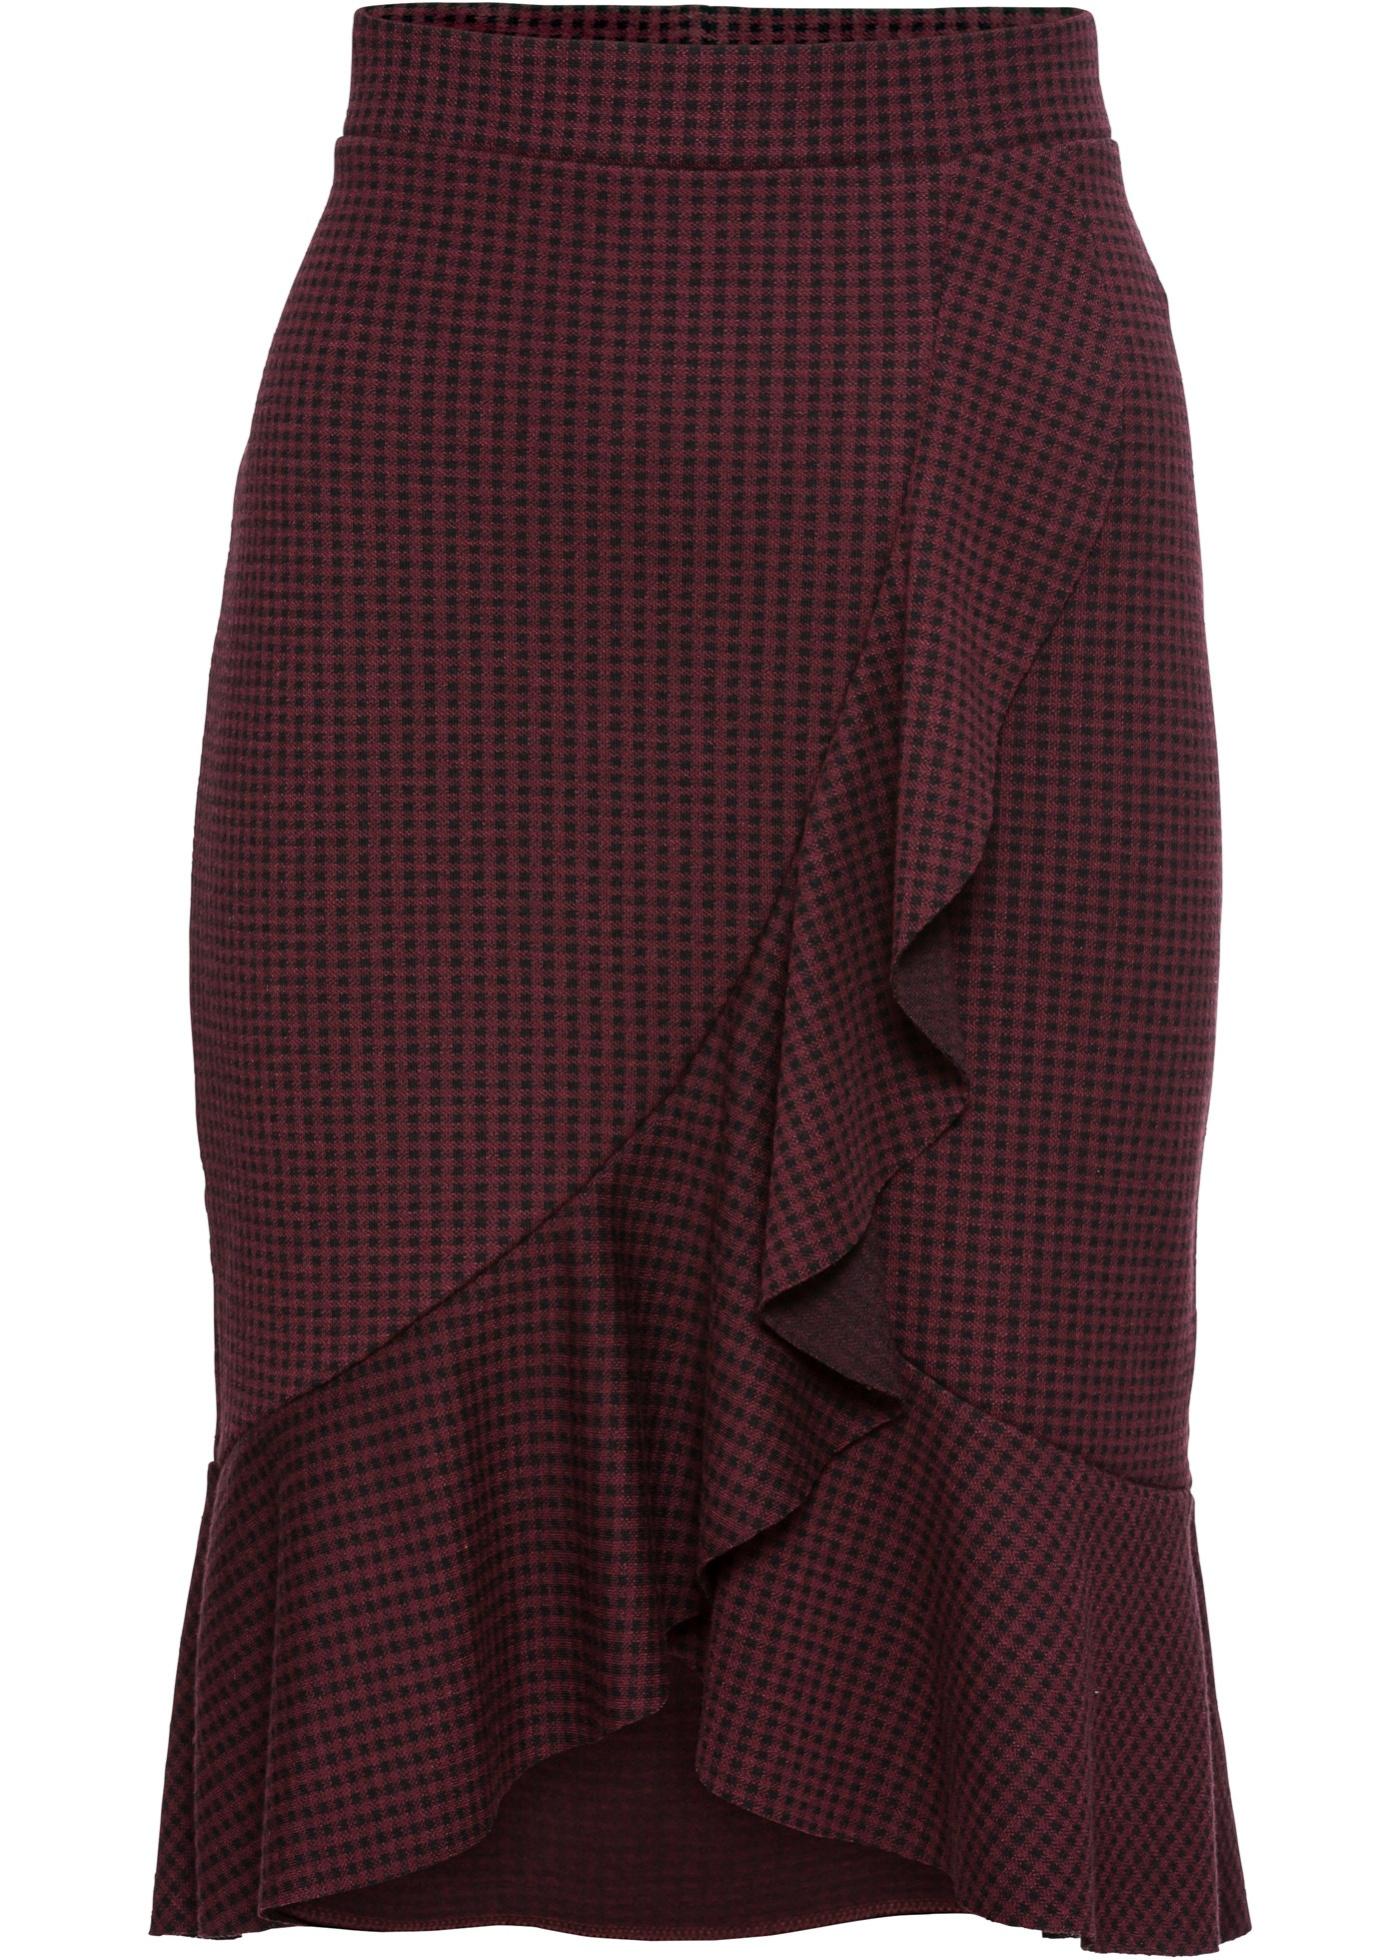 Wickelrock aus elastischem Jacquard in grau für Damen von bonprix